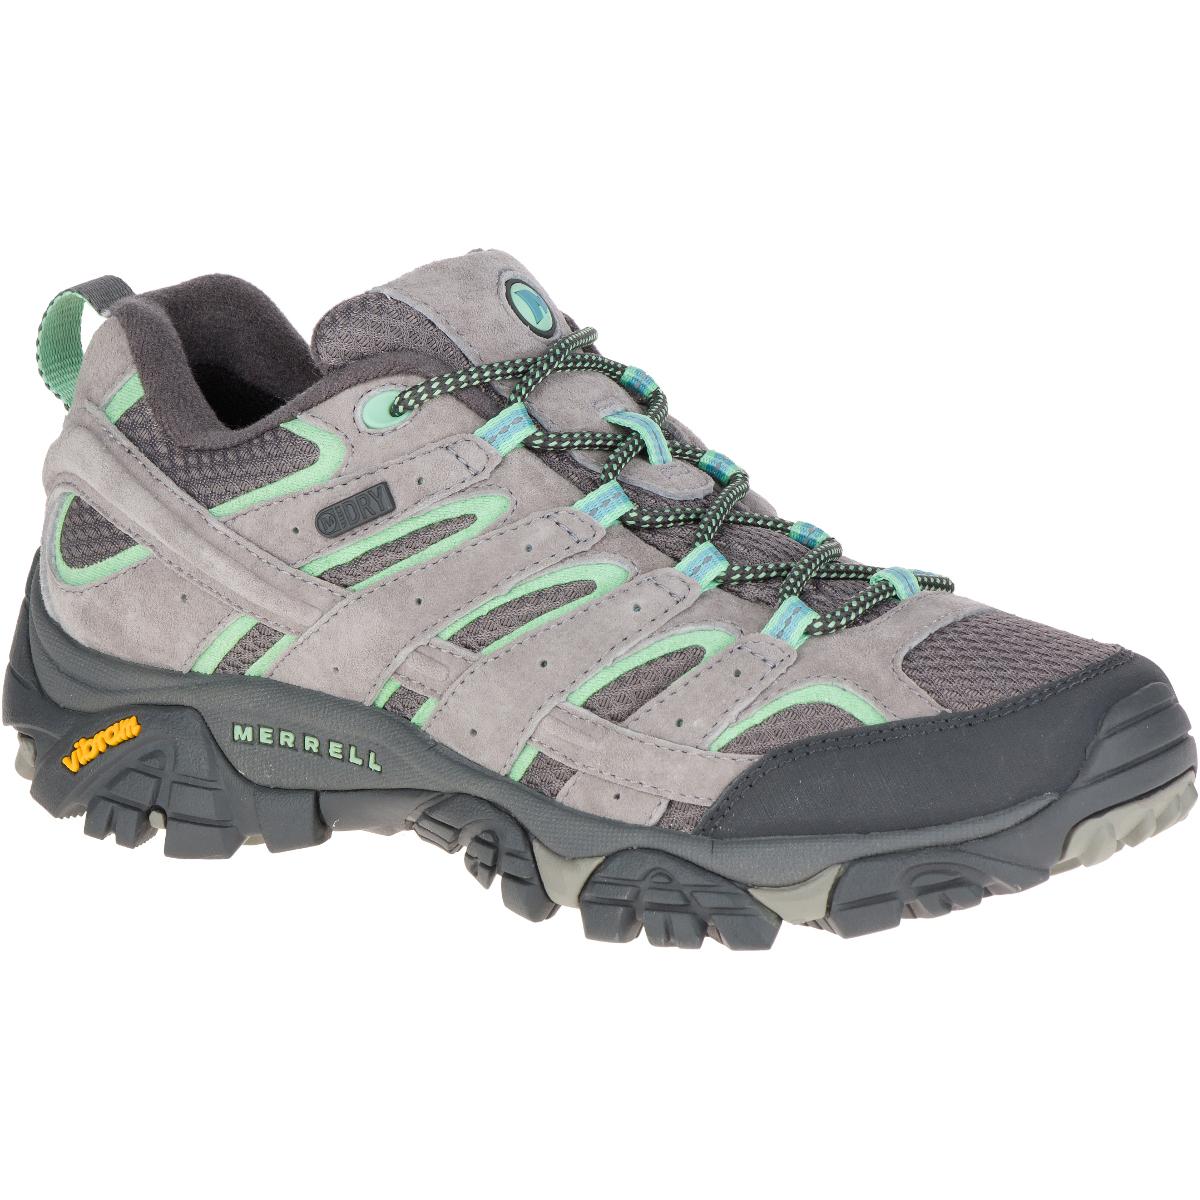 Merrell Women's Moab 2 Waterproof Hiking Shoes, Drizzle/ Mint,wide - Blue, 9.5